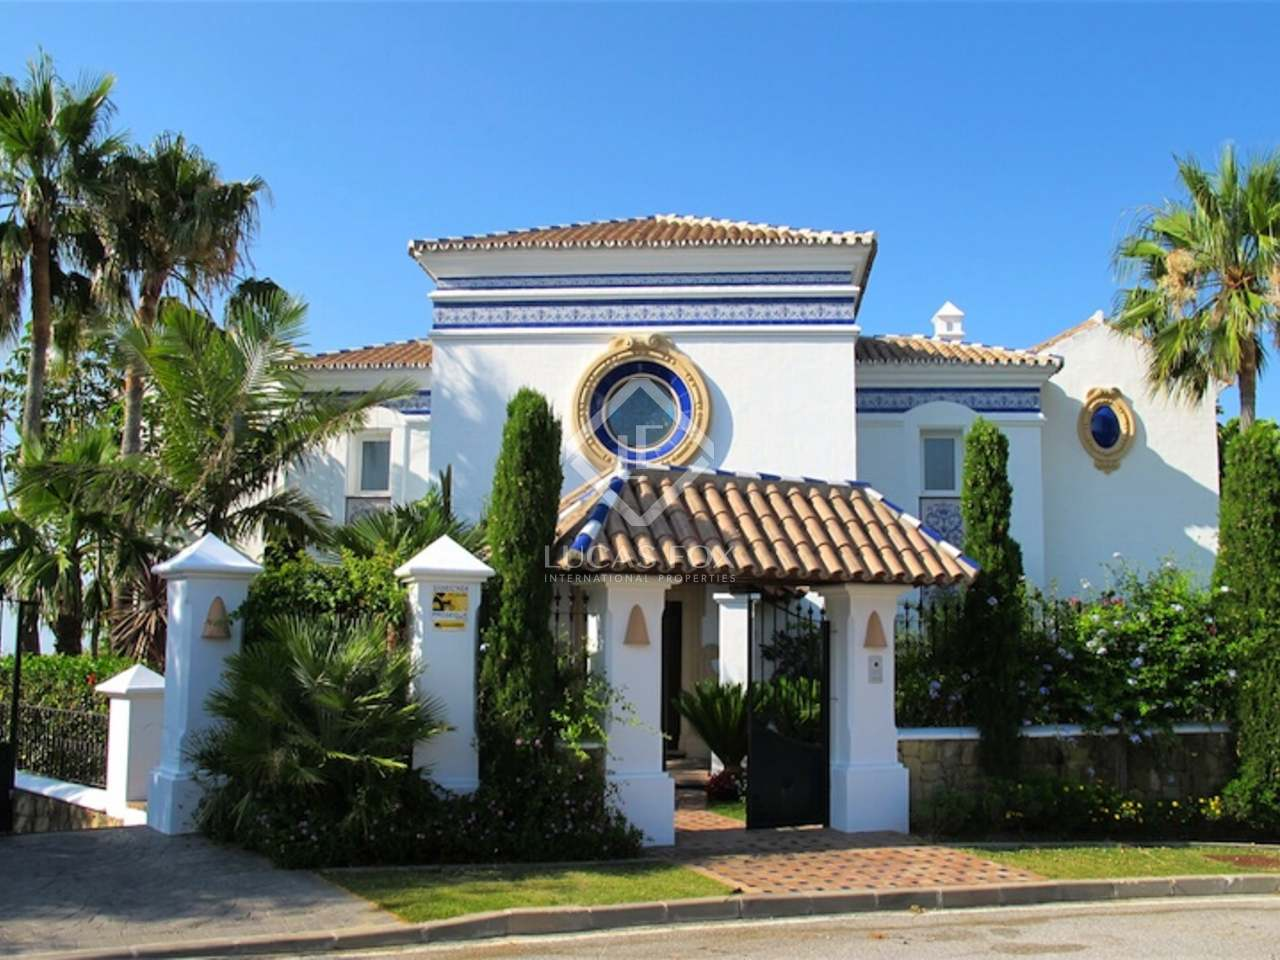 Villa de lujo en venta en benahav s marbella - Casas de lujo en marbella ...